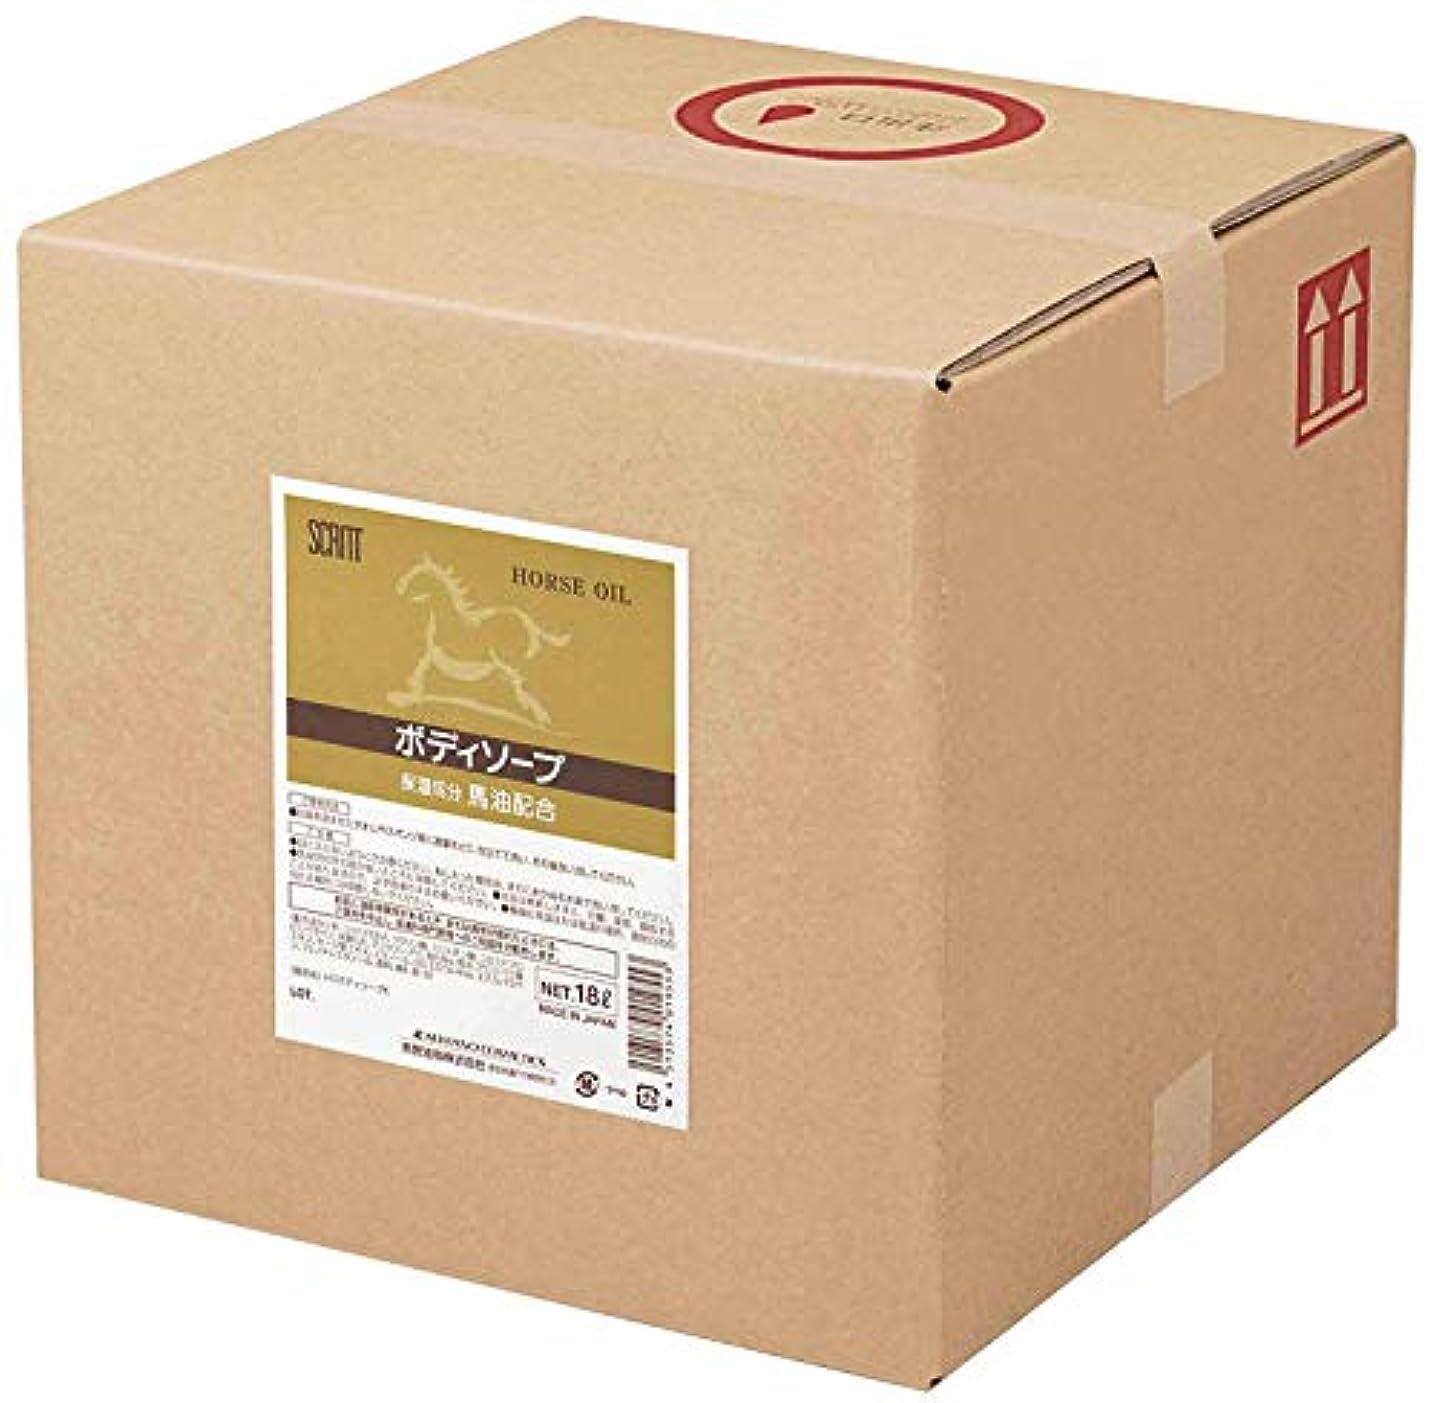 札入れ盗賊交差点業務用 SCRITT(スクリット) 馬油ボディソープ 18L 熊野油脂 (コック付き)